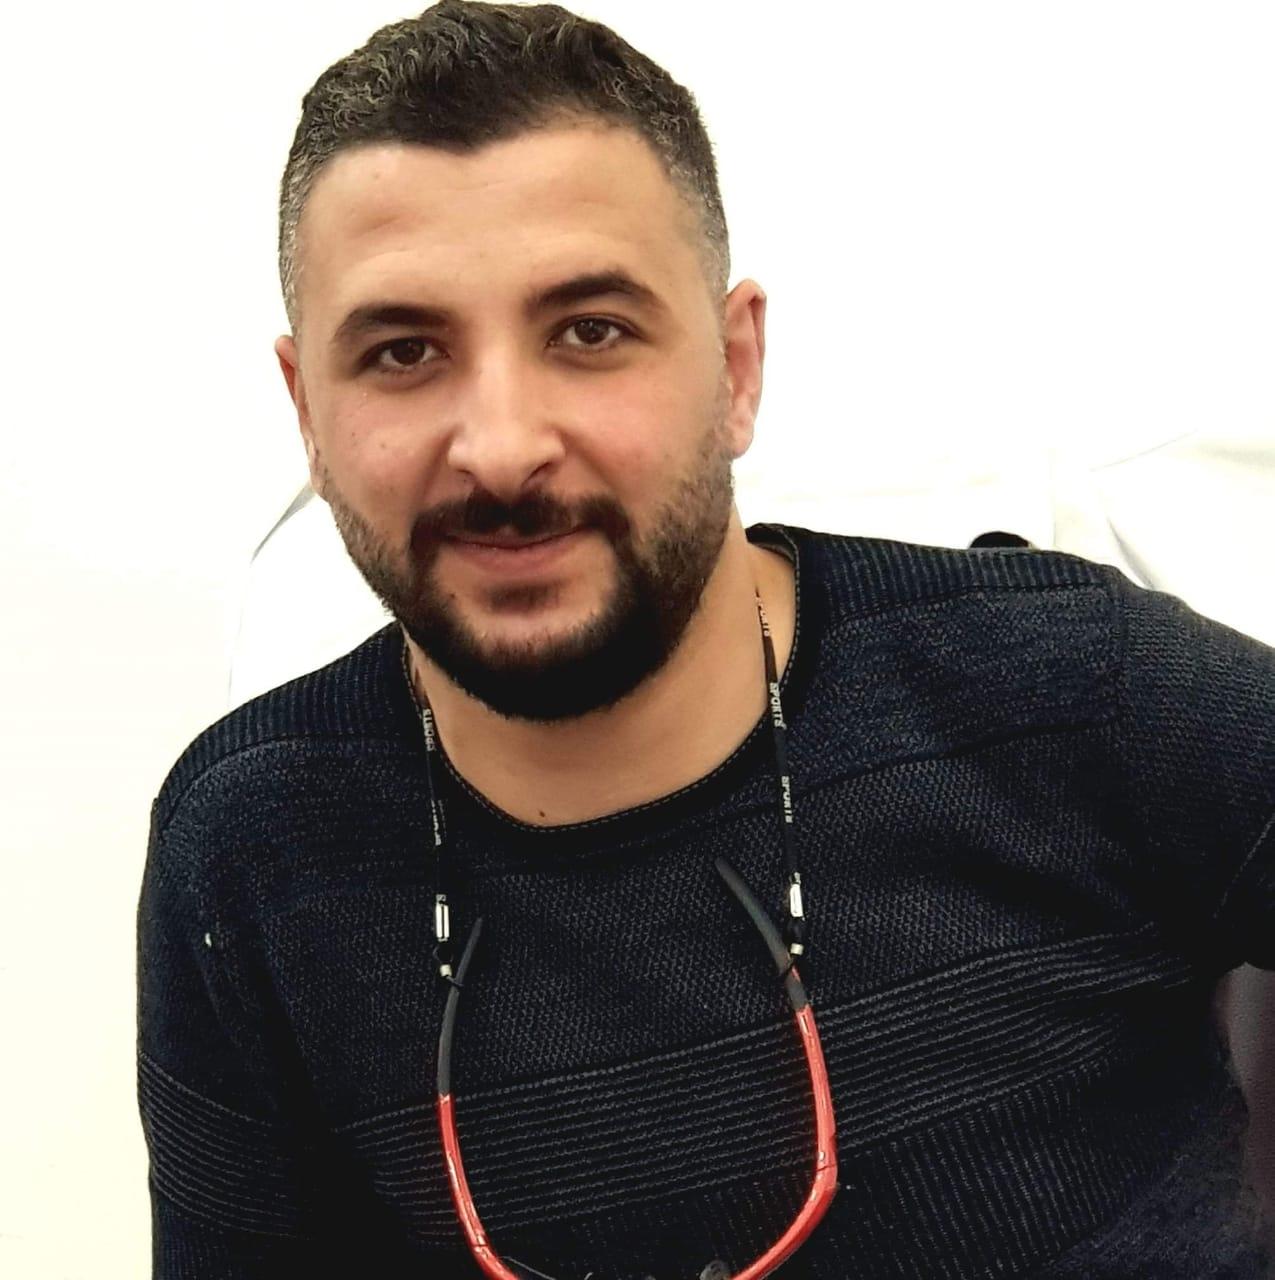 الدكتور ضياء الدين عويدات.عيد ميلاد سعيد